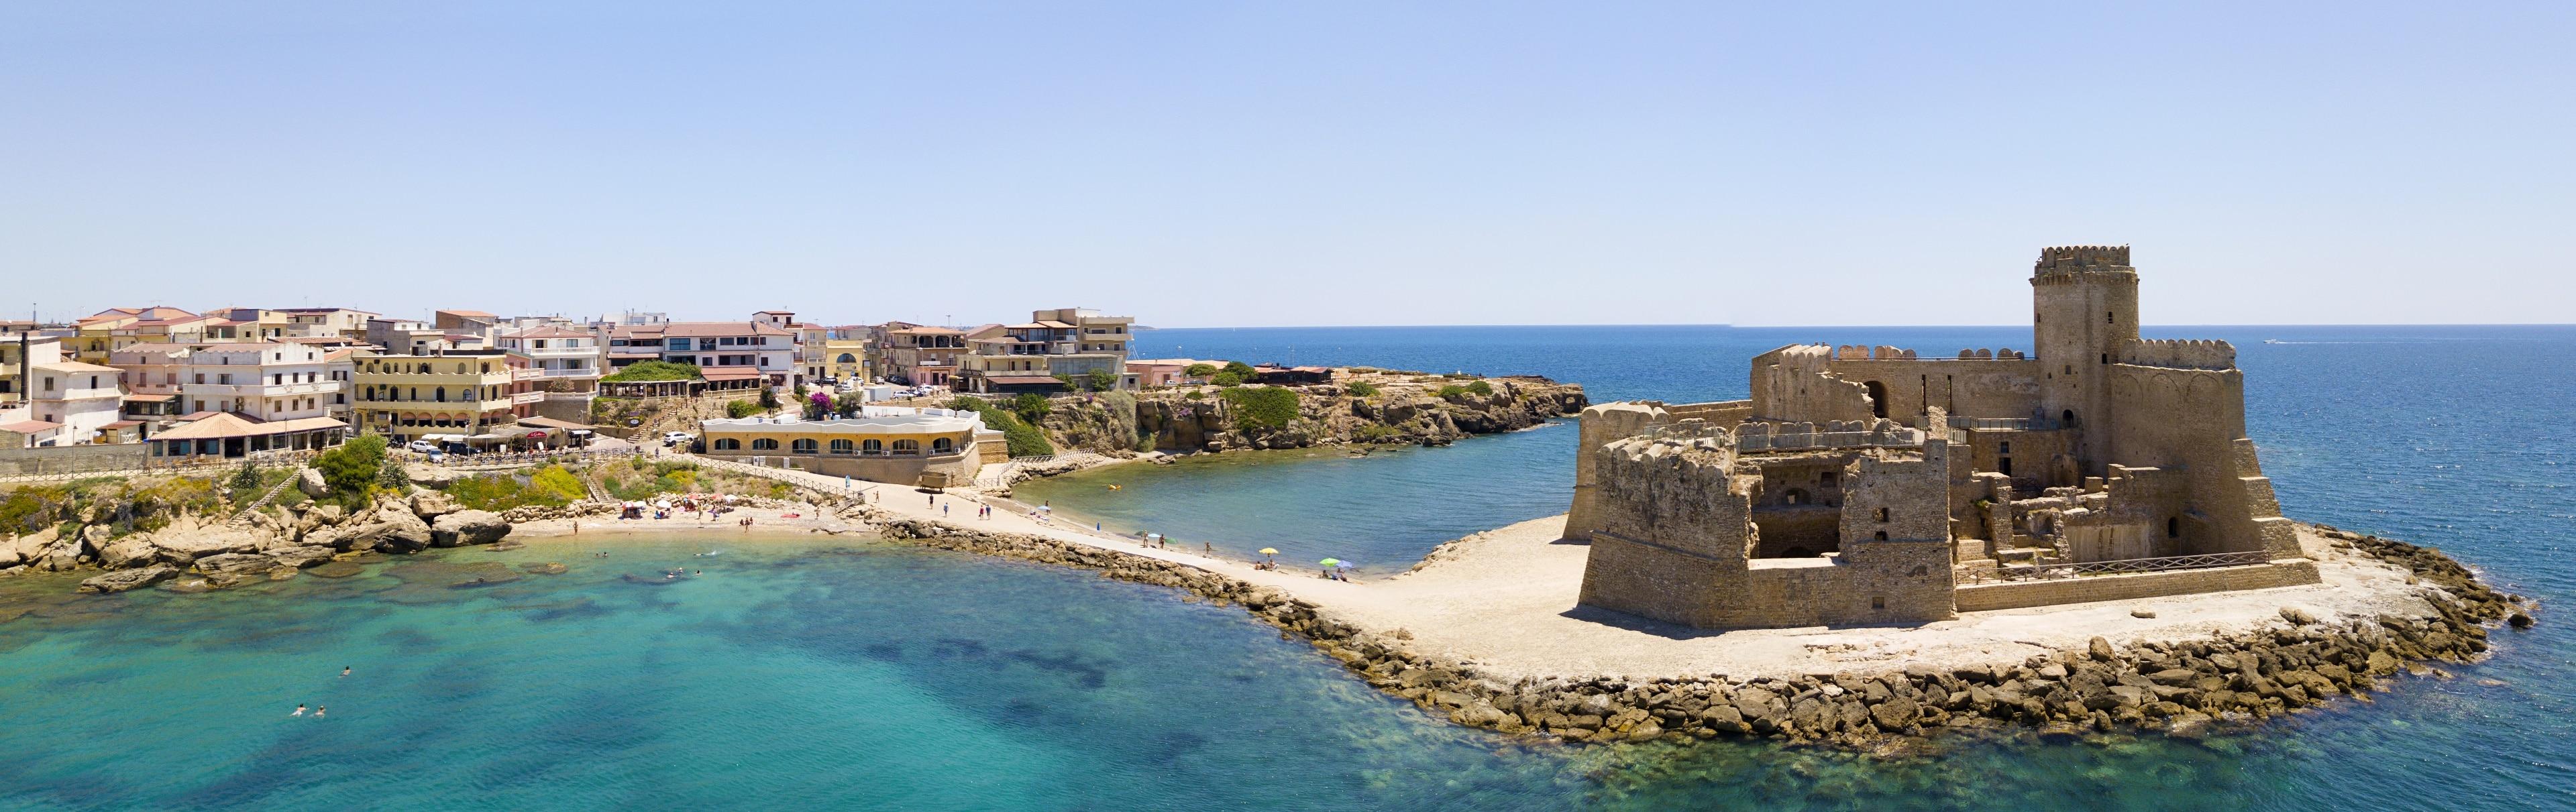 Isola di Capo Rizzuto, Calabria, Italy